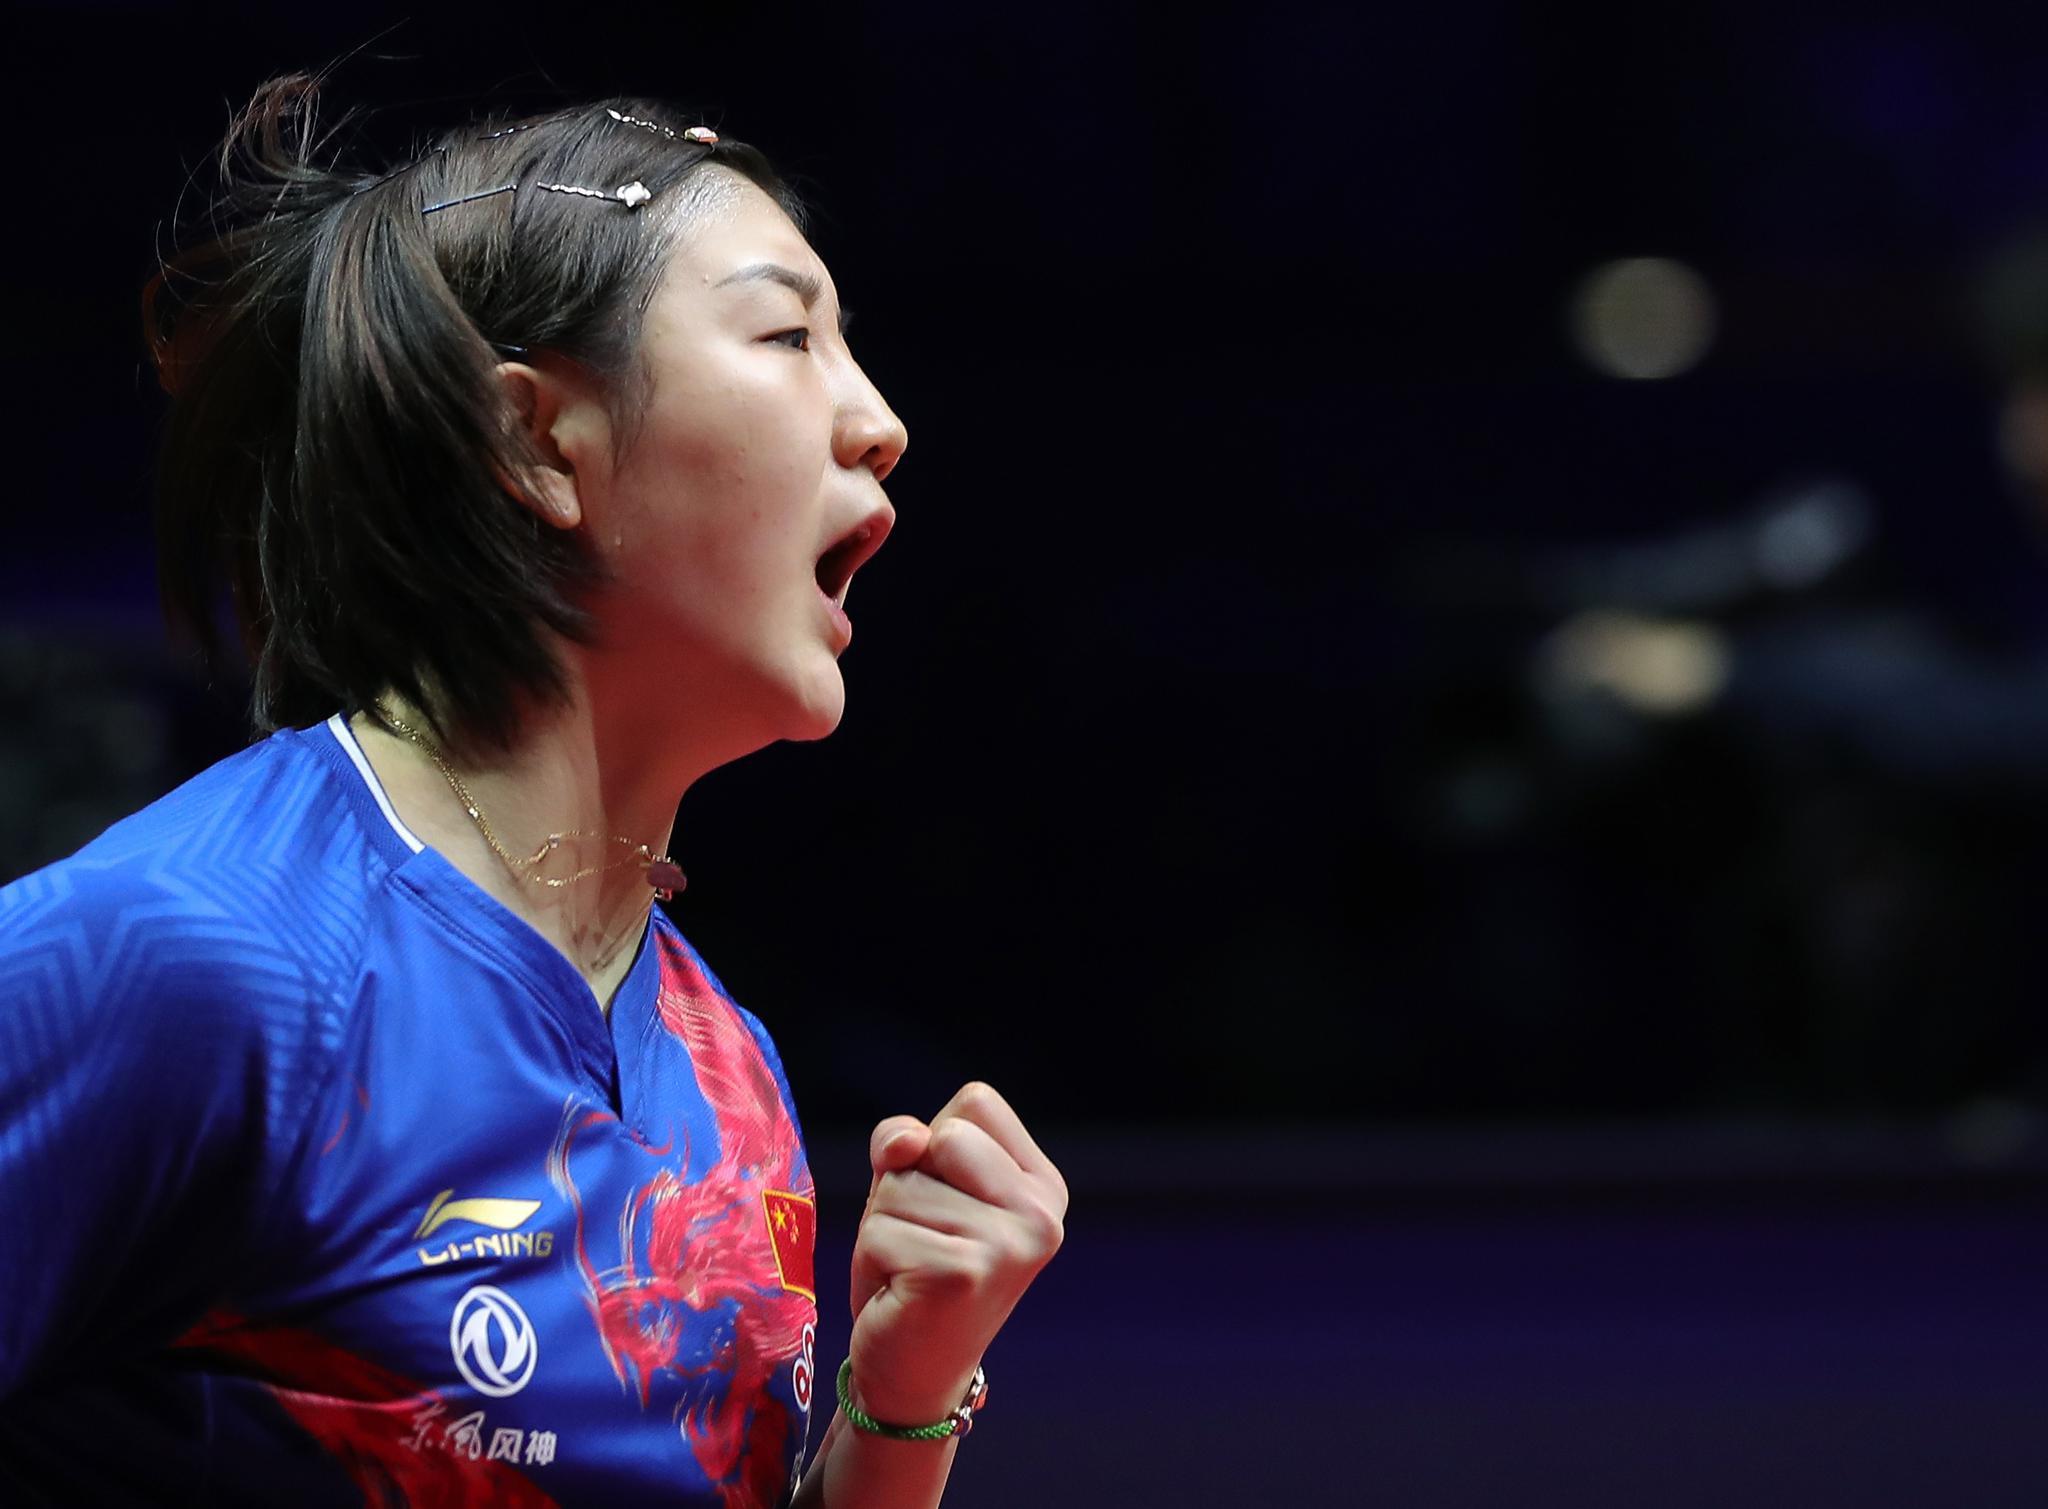 国际乒联巡回赛总决赛|陈梦力克伊藤美诚 国乒锁定女单冠军